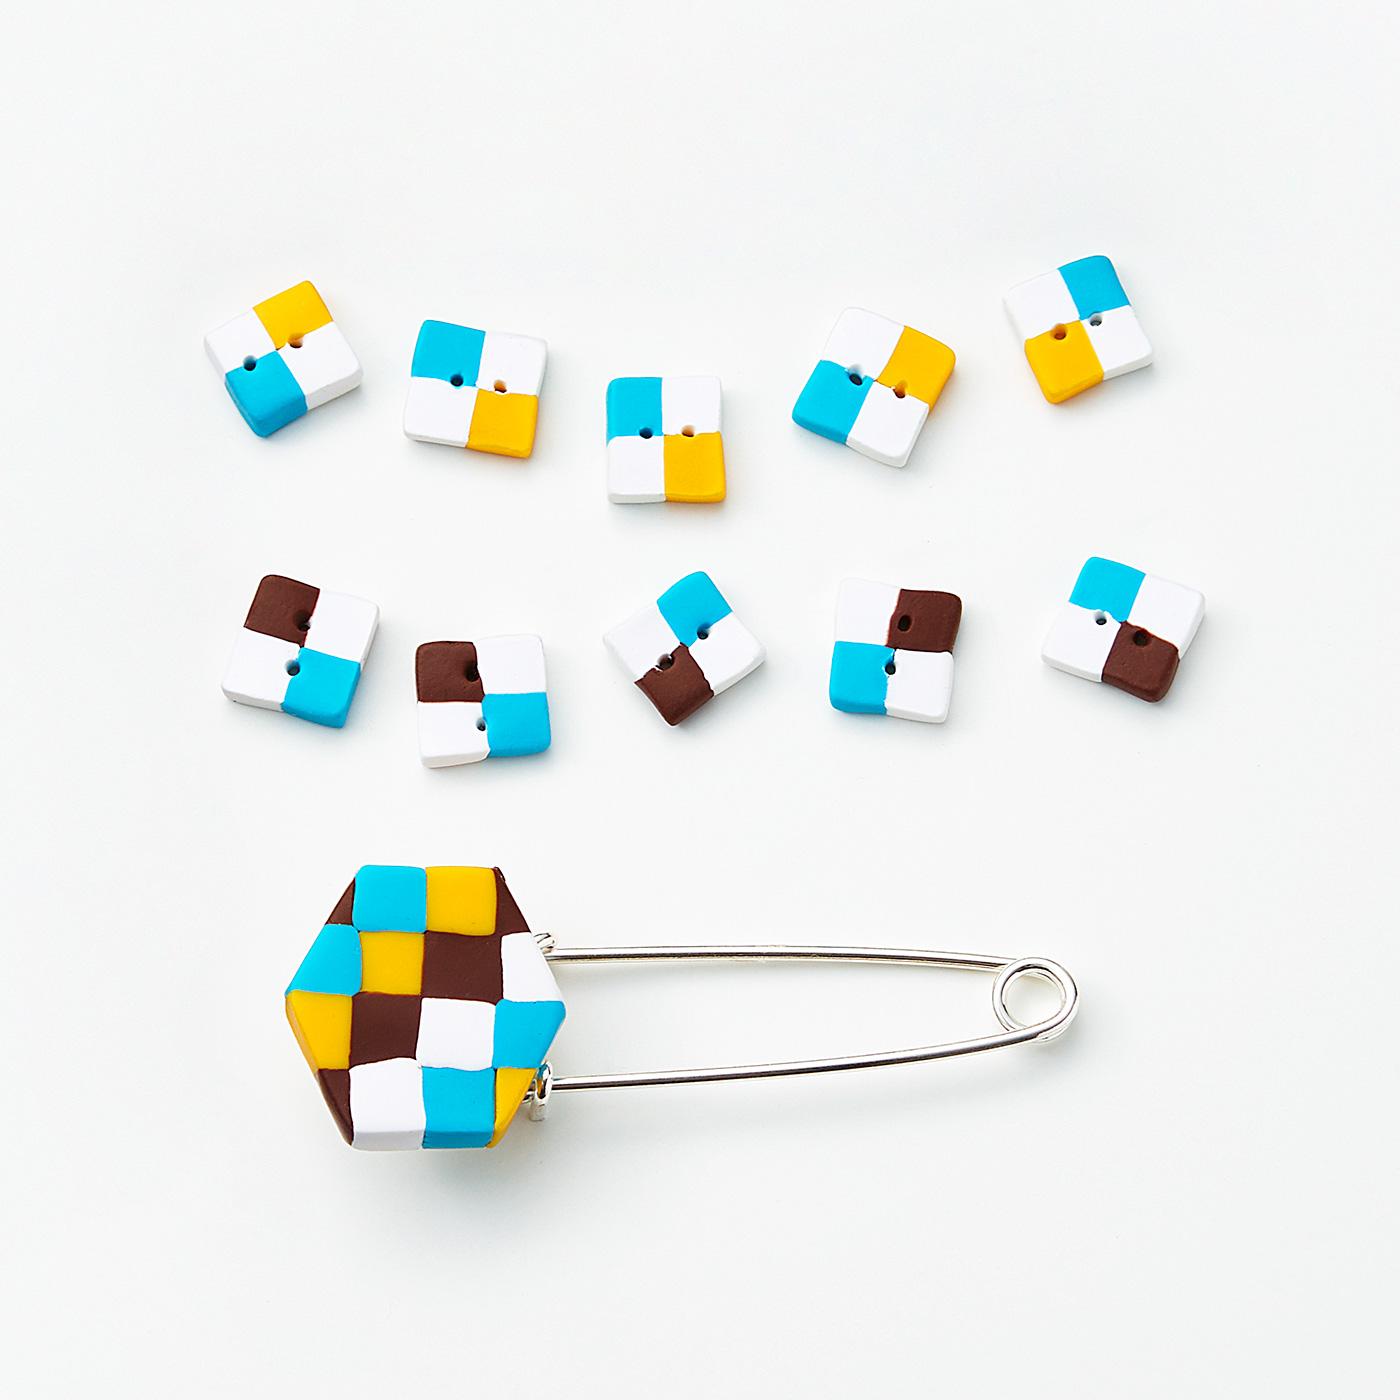 初回は四角モチーフのデザインをお届けします。 四角モチーフのボタンとピンブローチ